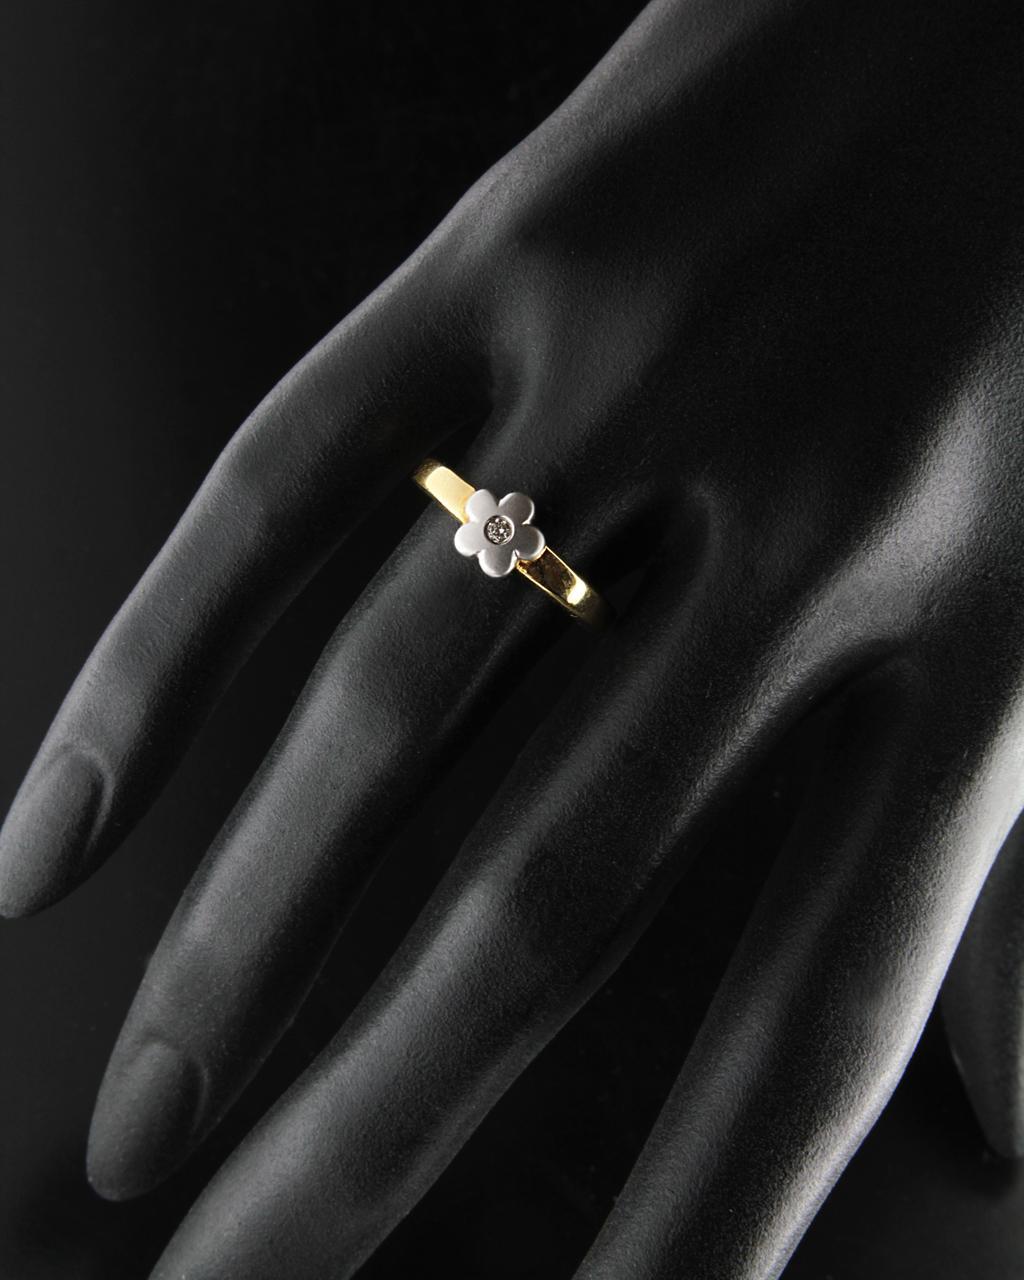 Δαχτυλίδι χρυσό & λευκόχρυσο Κ18 με Διαμάντι   γυναικα δαχτυλίδια μονόπετρα με διαμάντια